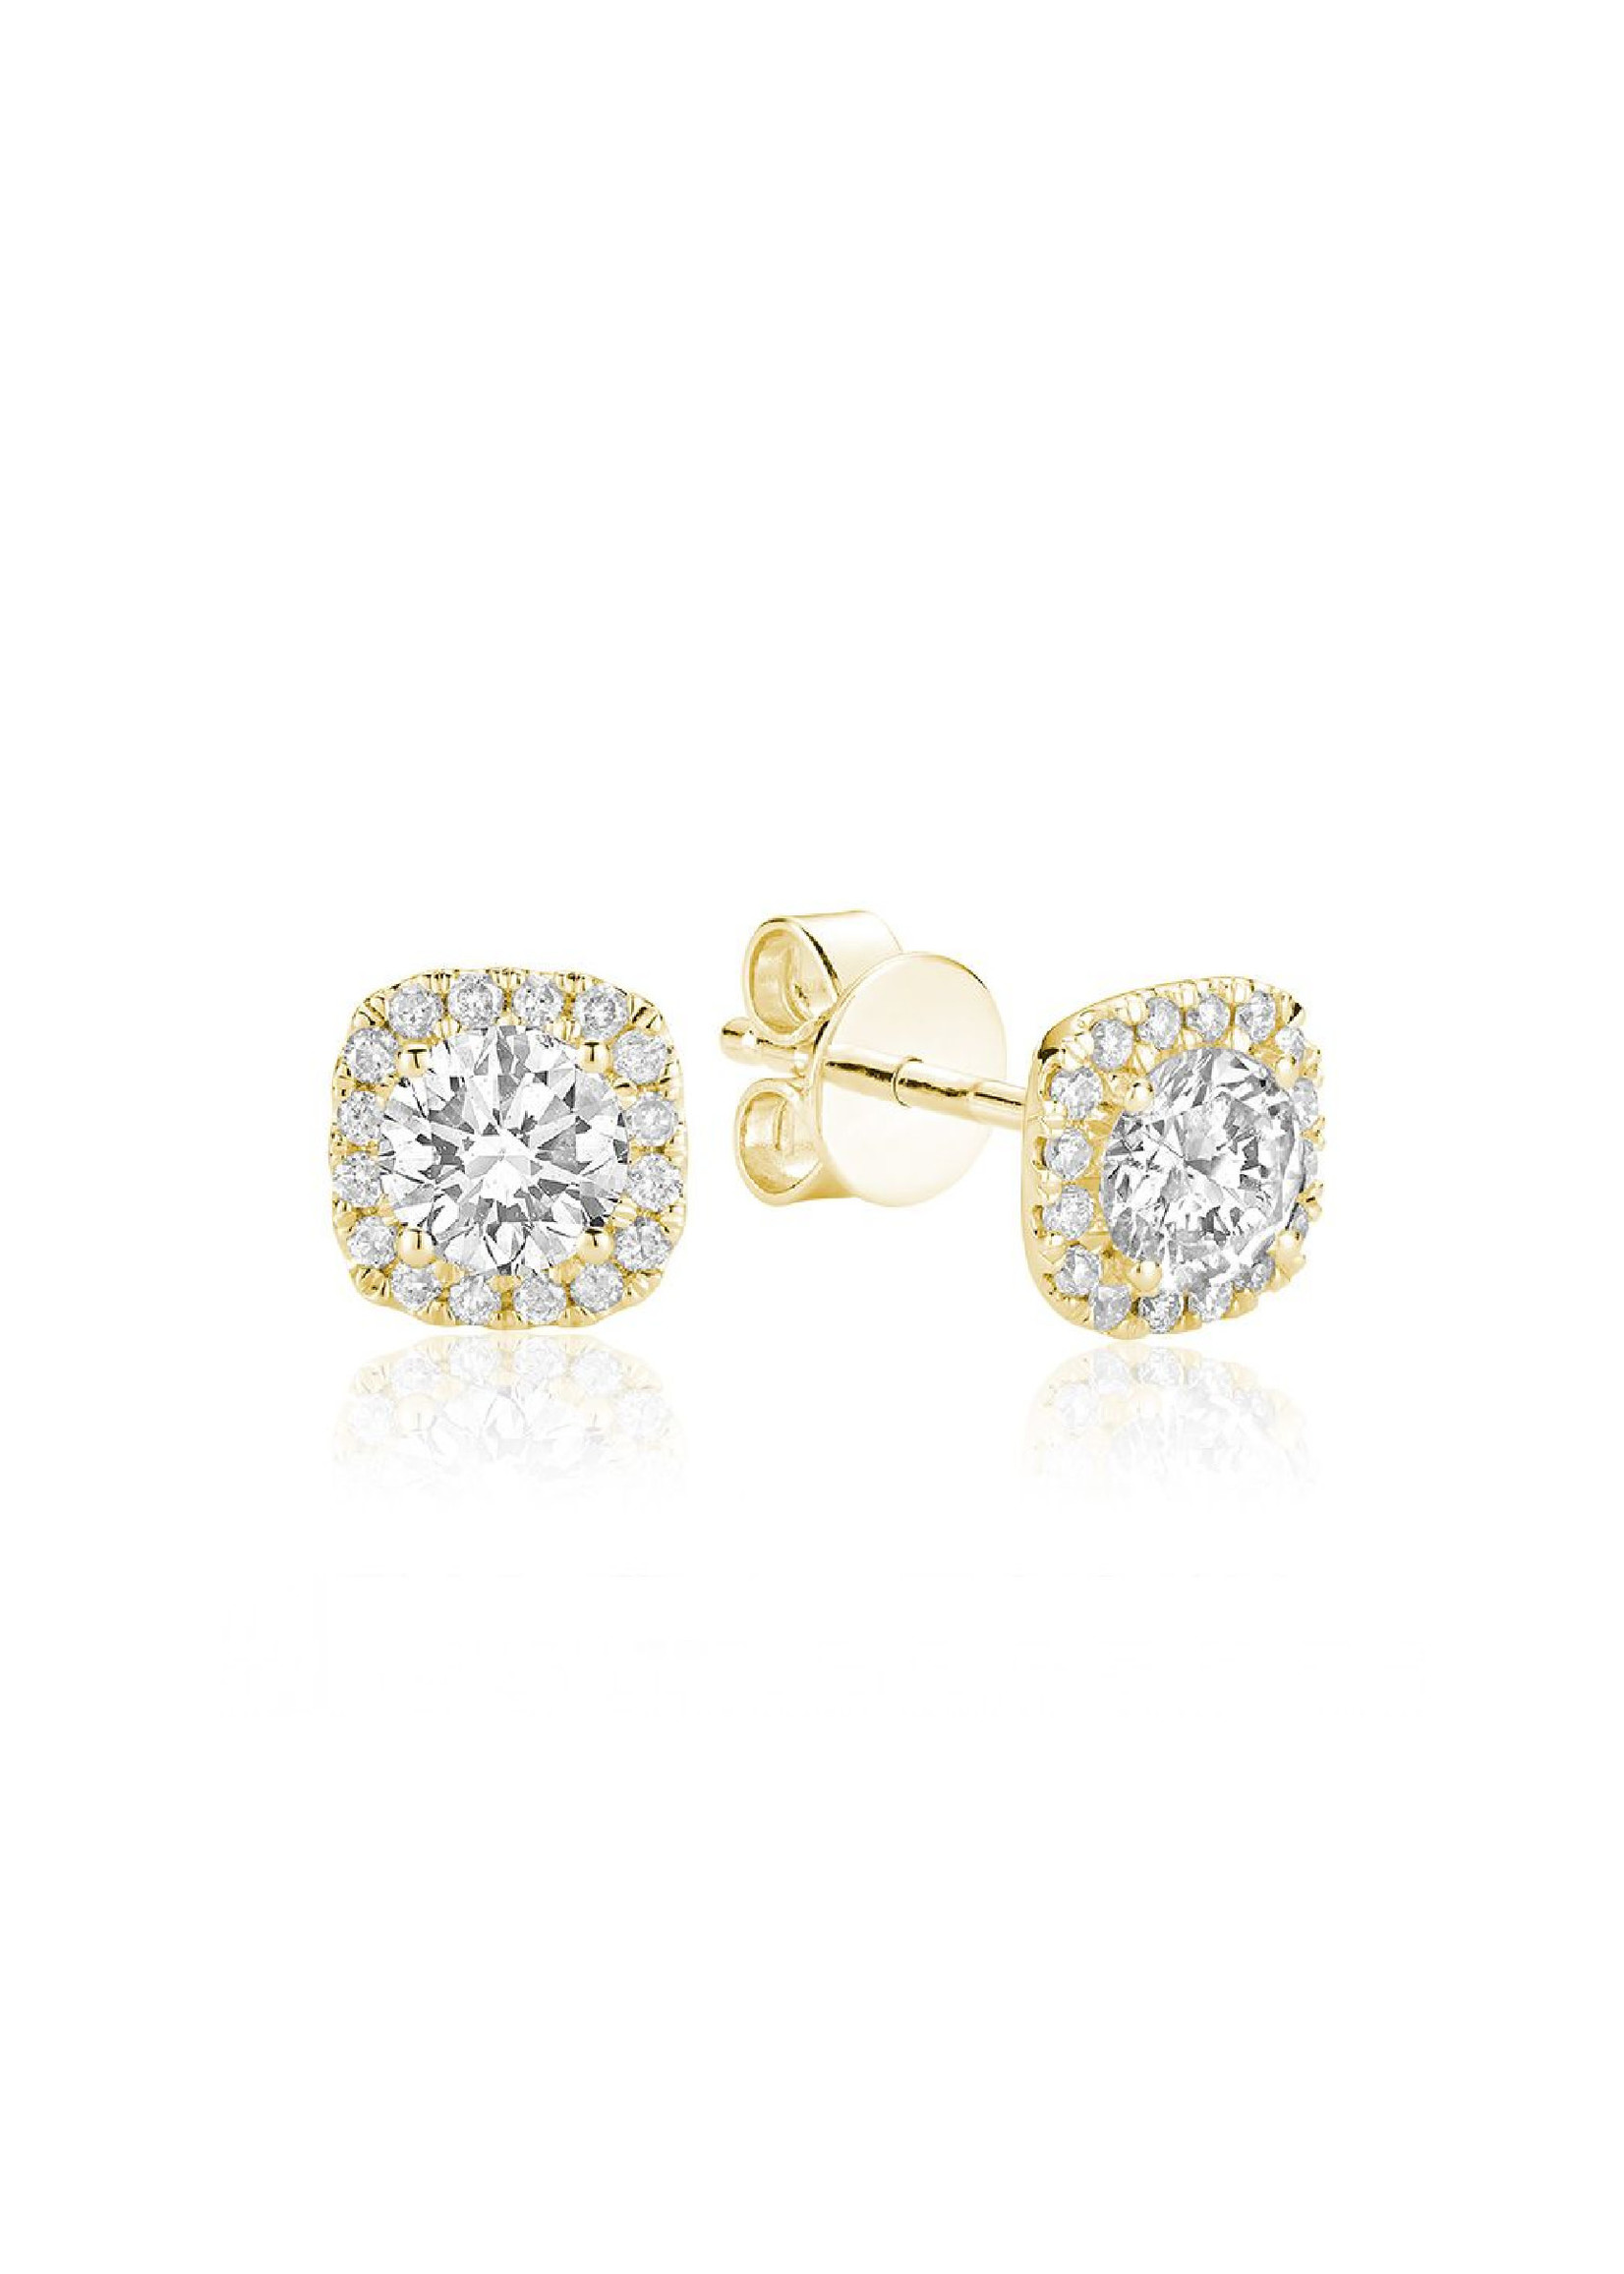 PARÉ Boucles d'oreilles Stud Or 14K avec Diamants